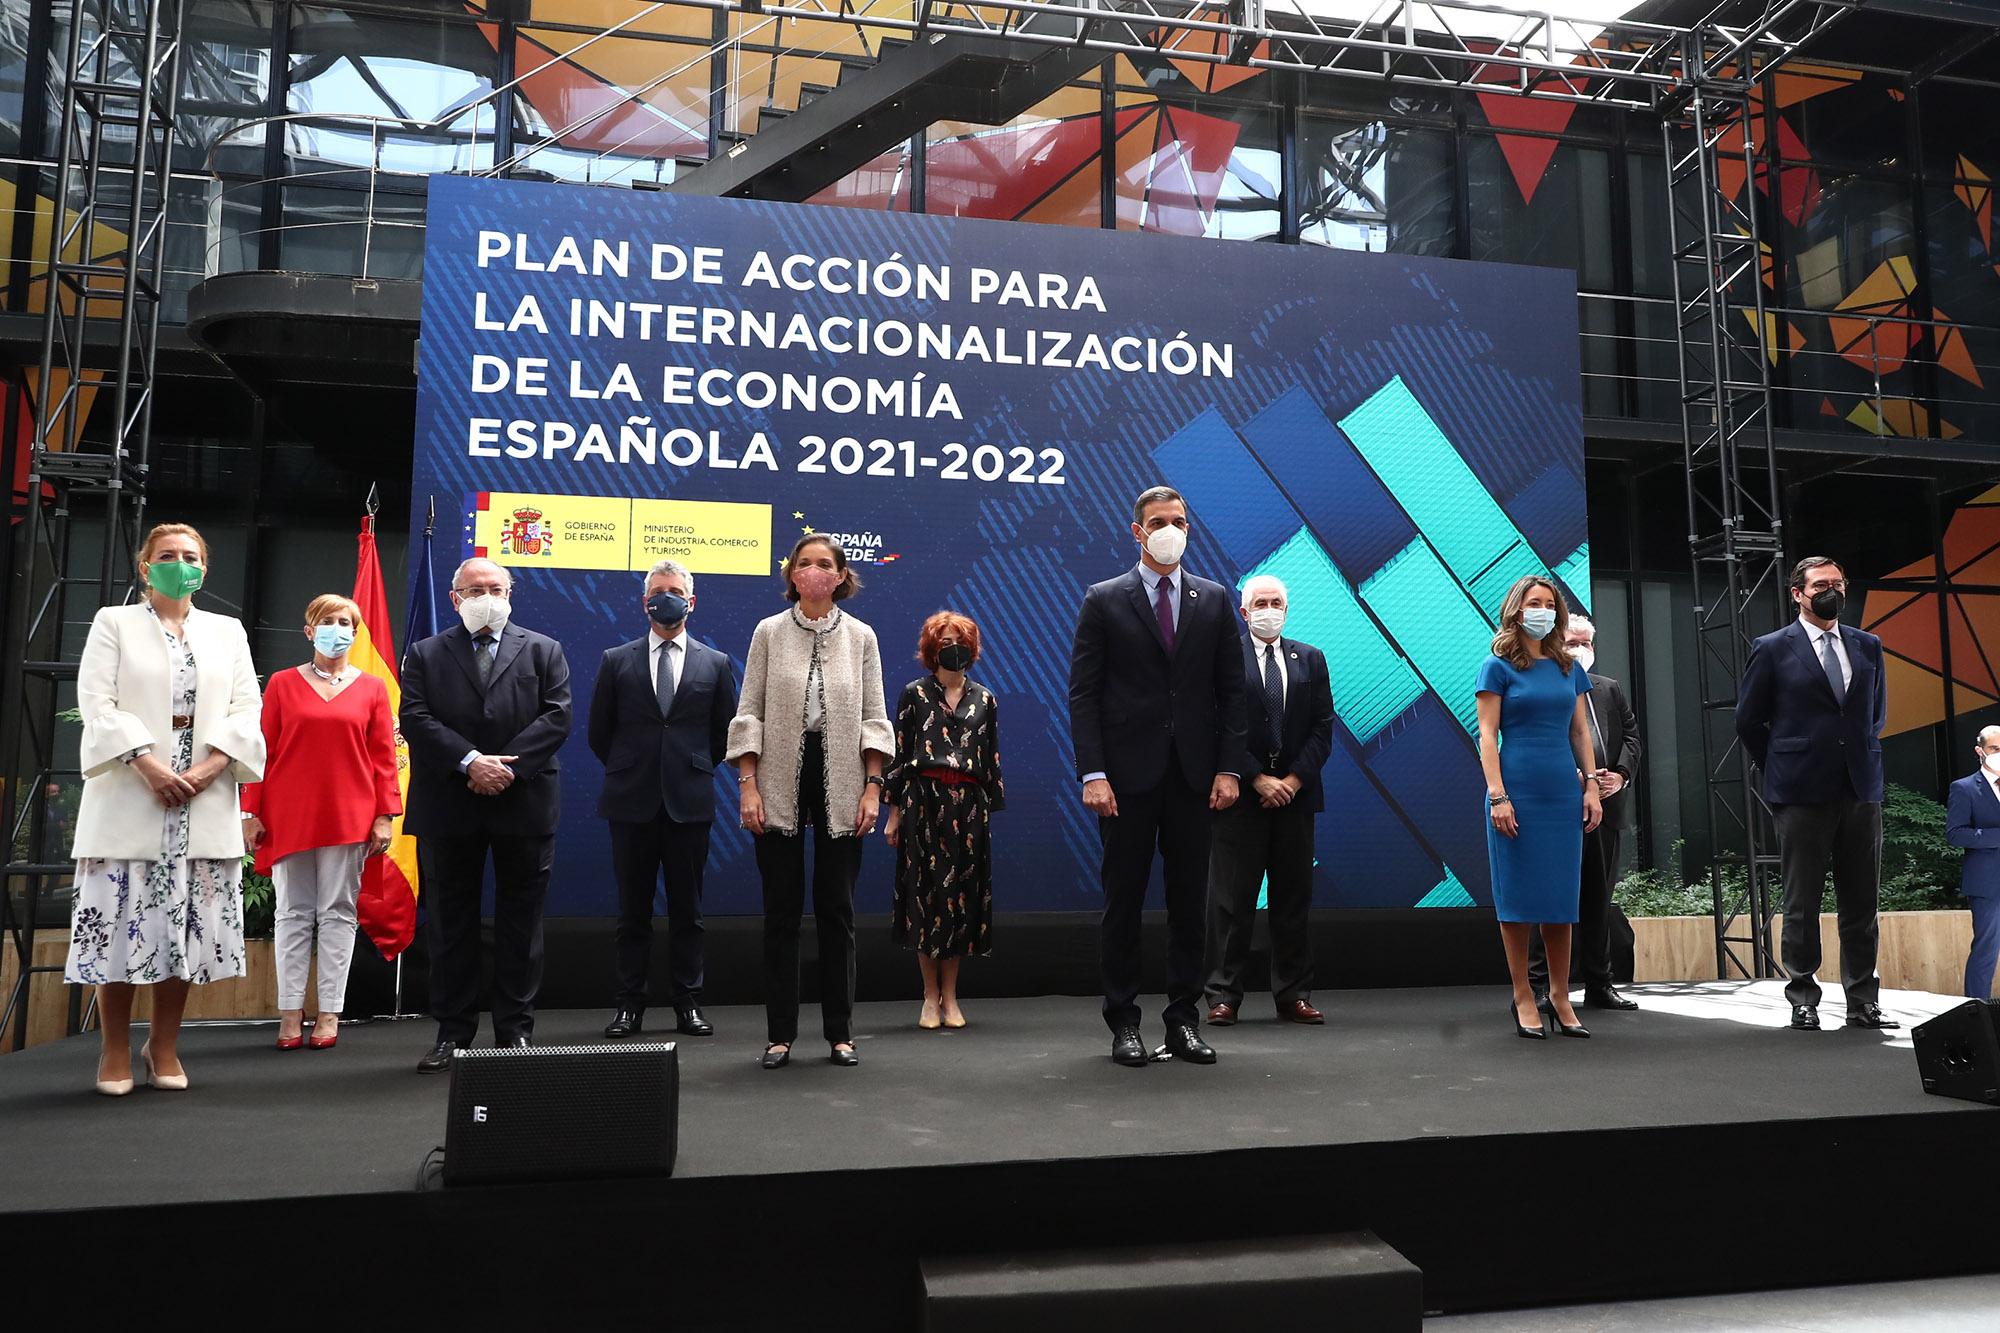 Pedro Sánchez y Reyes Maroto con los presentes en la presentación del plan